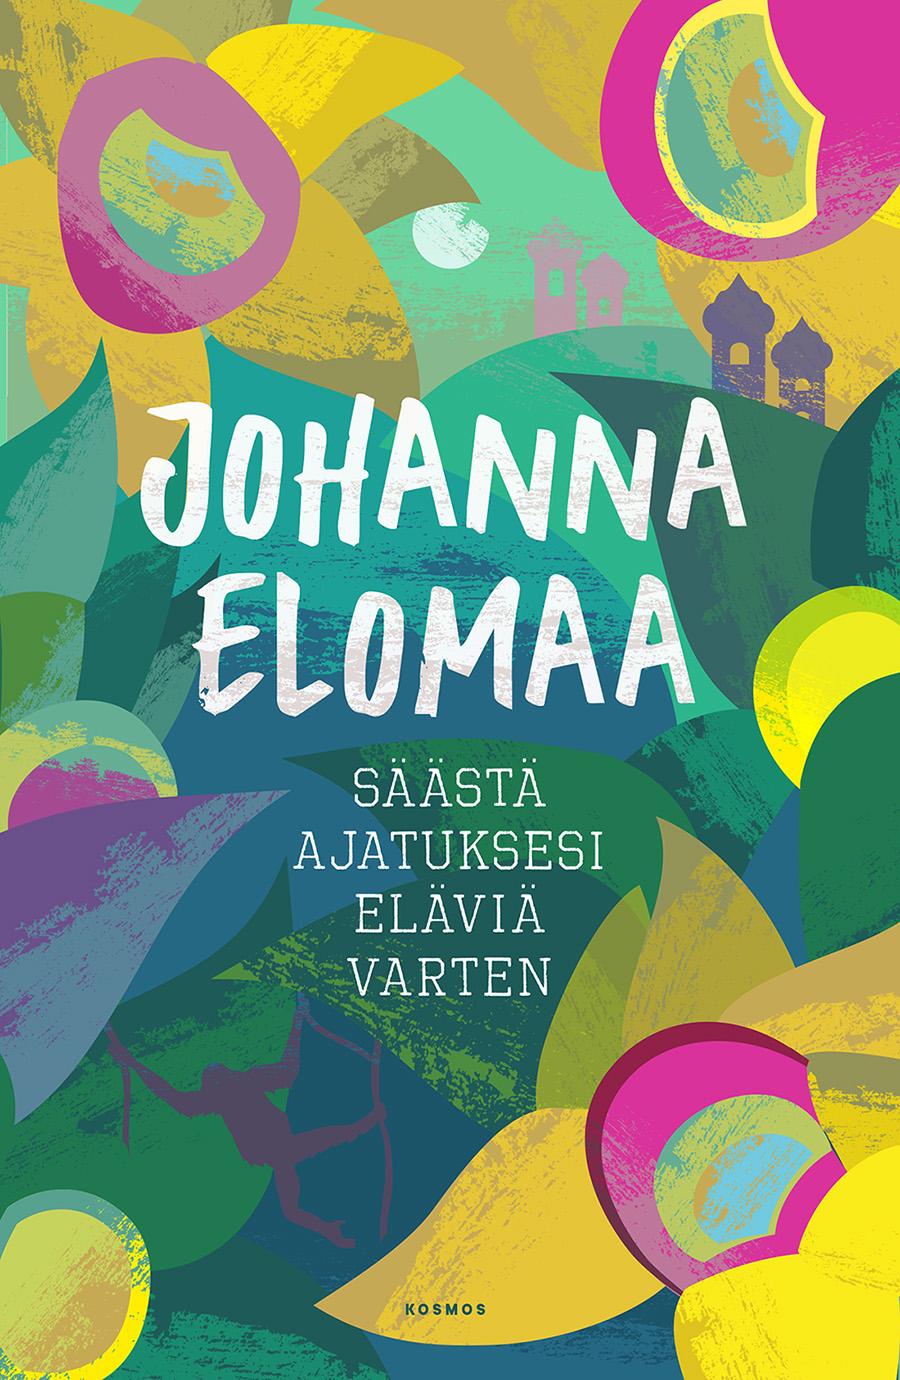 Johanna Elomaa: Säästä ajatuksesi eläviä varten (ilm. 05.09.2016) Eräänä päivänä toimittaja Johanna Elomaan elämä pysähtyi puhelinsoittoon. Hänen veljensä oli kuollut Vietnamissa. Kuolema ei tullut yllätyksenä. Veli oli jo vuosikausia ollut pahenevassa huumekierteessä. Mutta kuolema vei Elomaan kysymään mistä elämässä itse asiassa on kysymys. Ja pian myös hänen parisuhteensa taiteilijan kanssa oli päättynyt ja hyvä työ suuressa mediatalossa tuntui yksinomaan absurdilta.Elomaa päätti jättää kaiken ja lähteä Aasiaan, jossa hän muun muassa työskenteli orankien kuntoutuskeskuksessa Borneolla. Hän kirjoitti kokemuksistaan kirjan, joka on silmiä avaava, hillittömän hauska ja riipaisevan surullinen matka siihen, mikä elämässä itse asiassa on tärkeää. Johanna Elomaaon helsinkiläinen toimittaja, joka on työskennellyt laajalti eri medioissa, viimeksi MTV3:n viihdetoimituksessa esimiehenä.